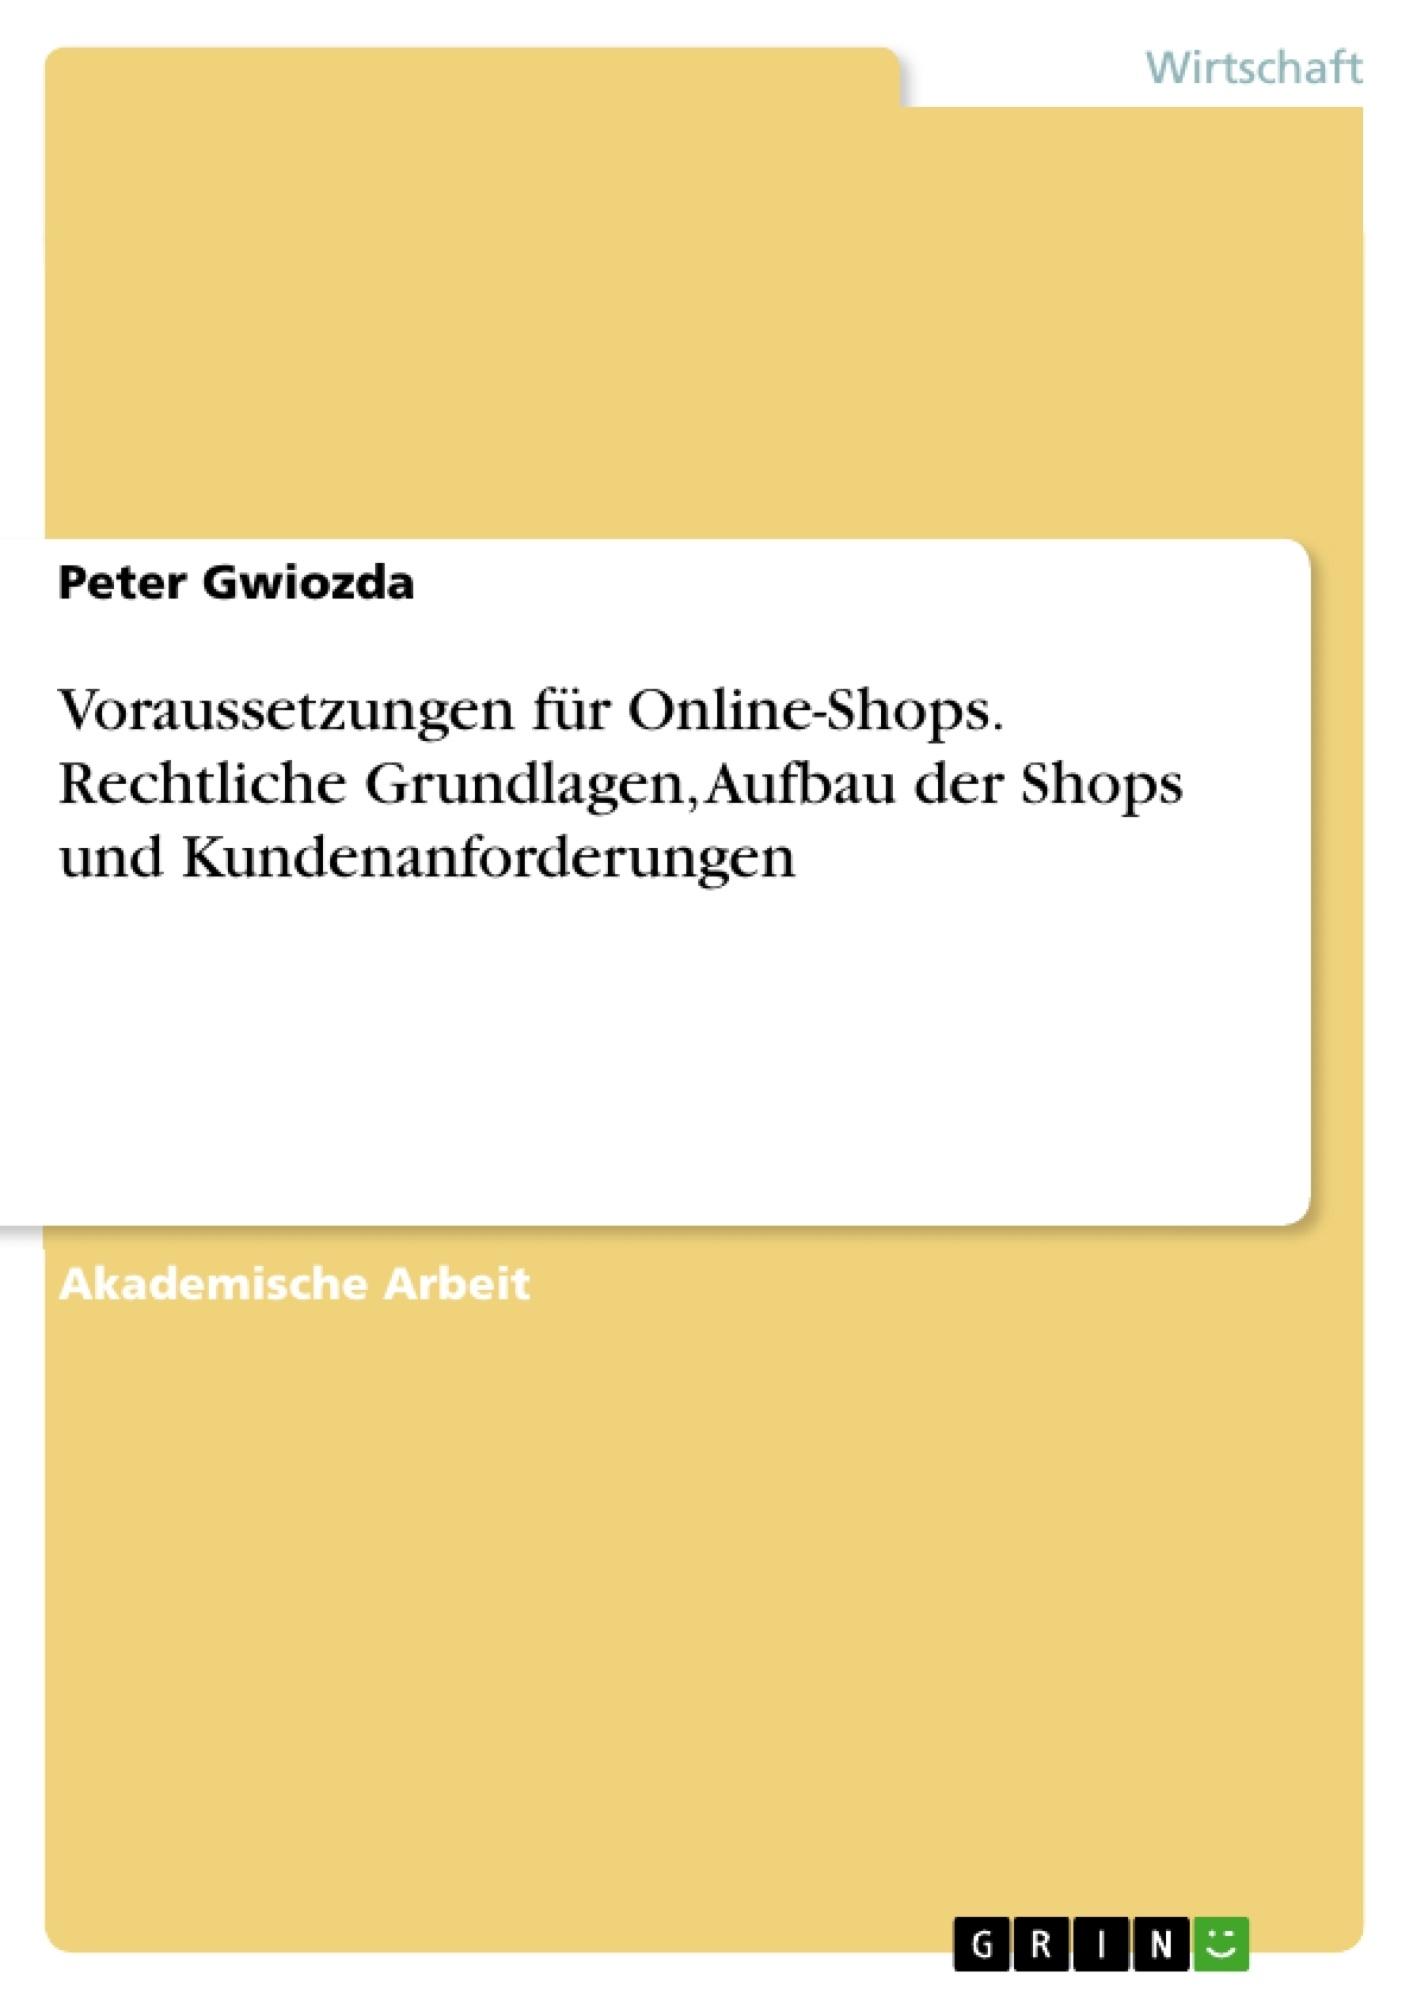 Titel: Voraussetzungen für Online-Shops. Rechtliche Grundlagen, Aufbau der Shops und Kundenanforderungen